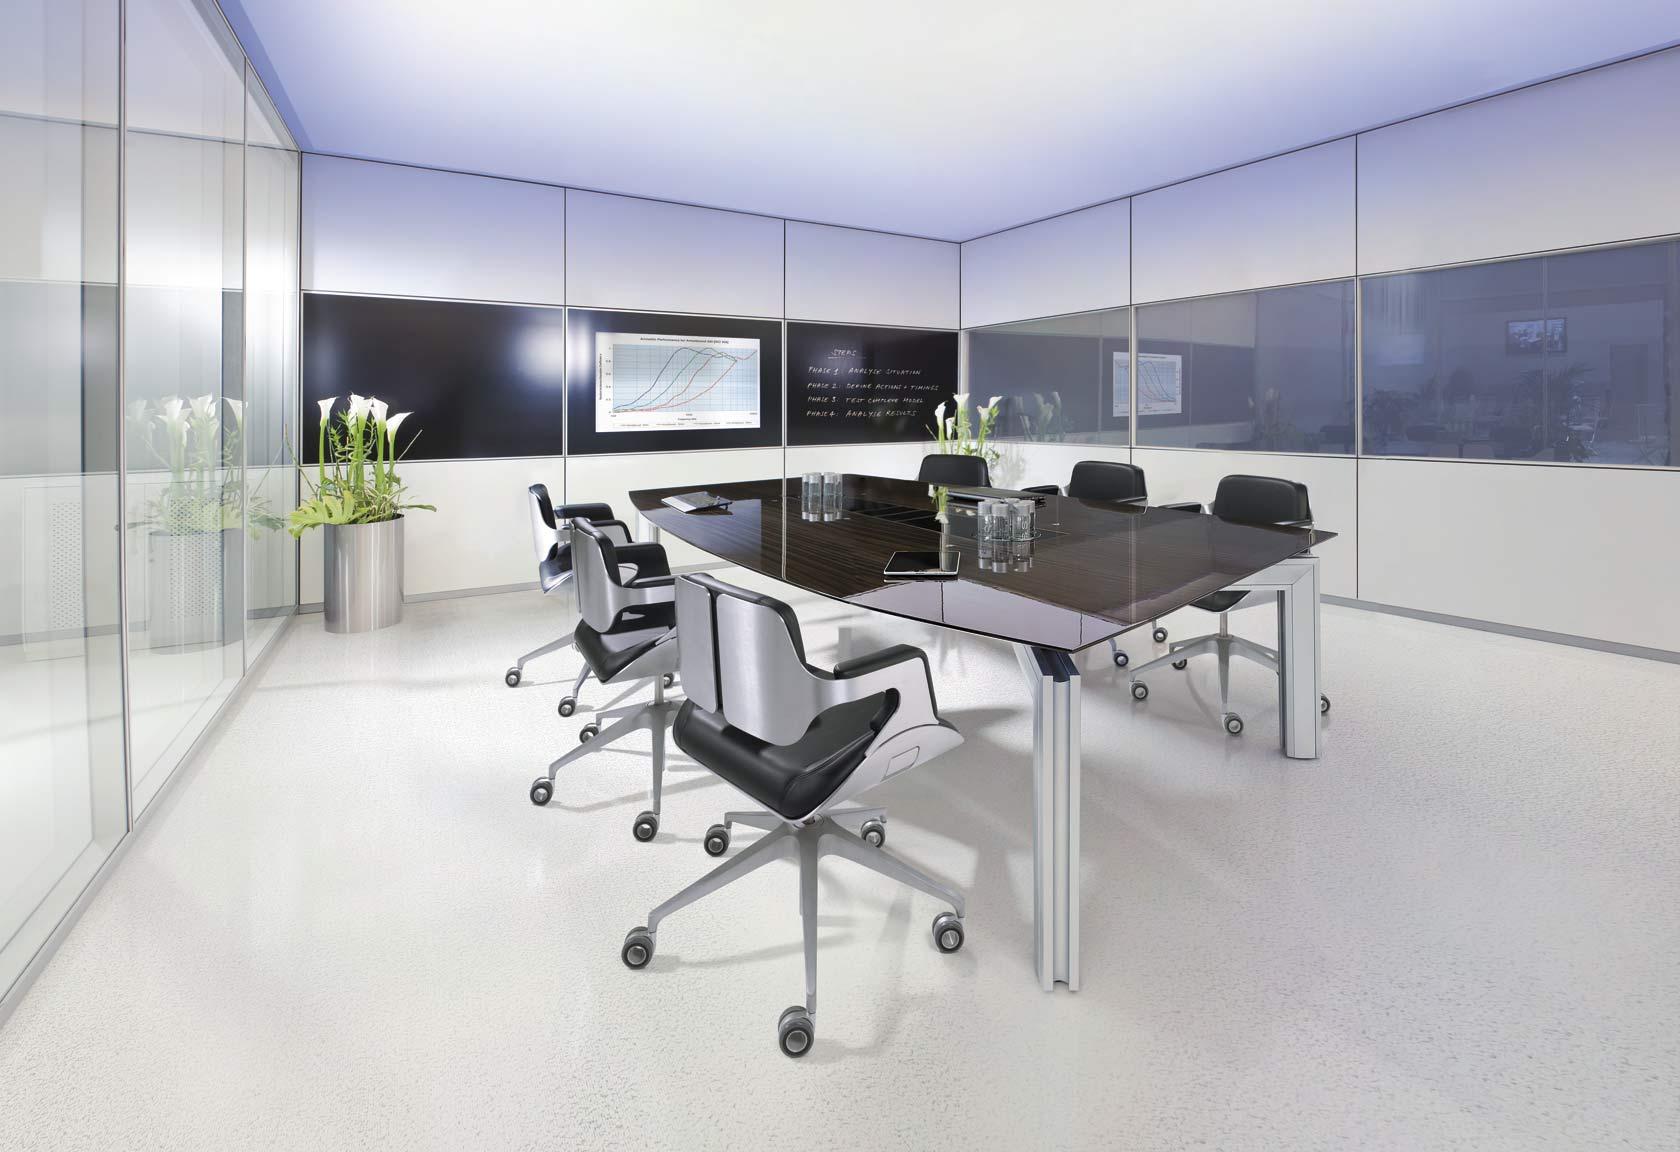 Exklusiver Konferenztisch aus hochwertigen Materialien